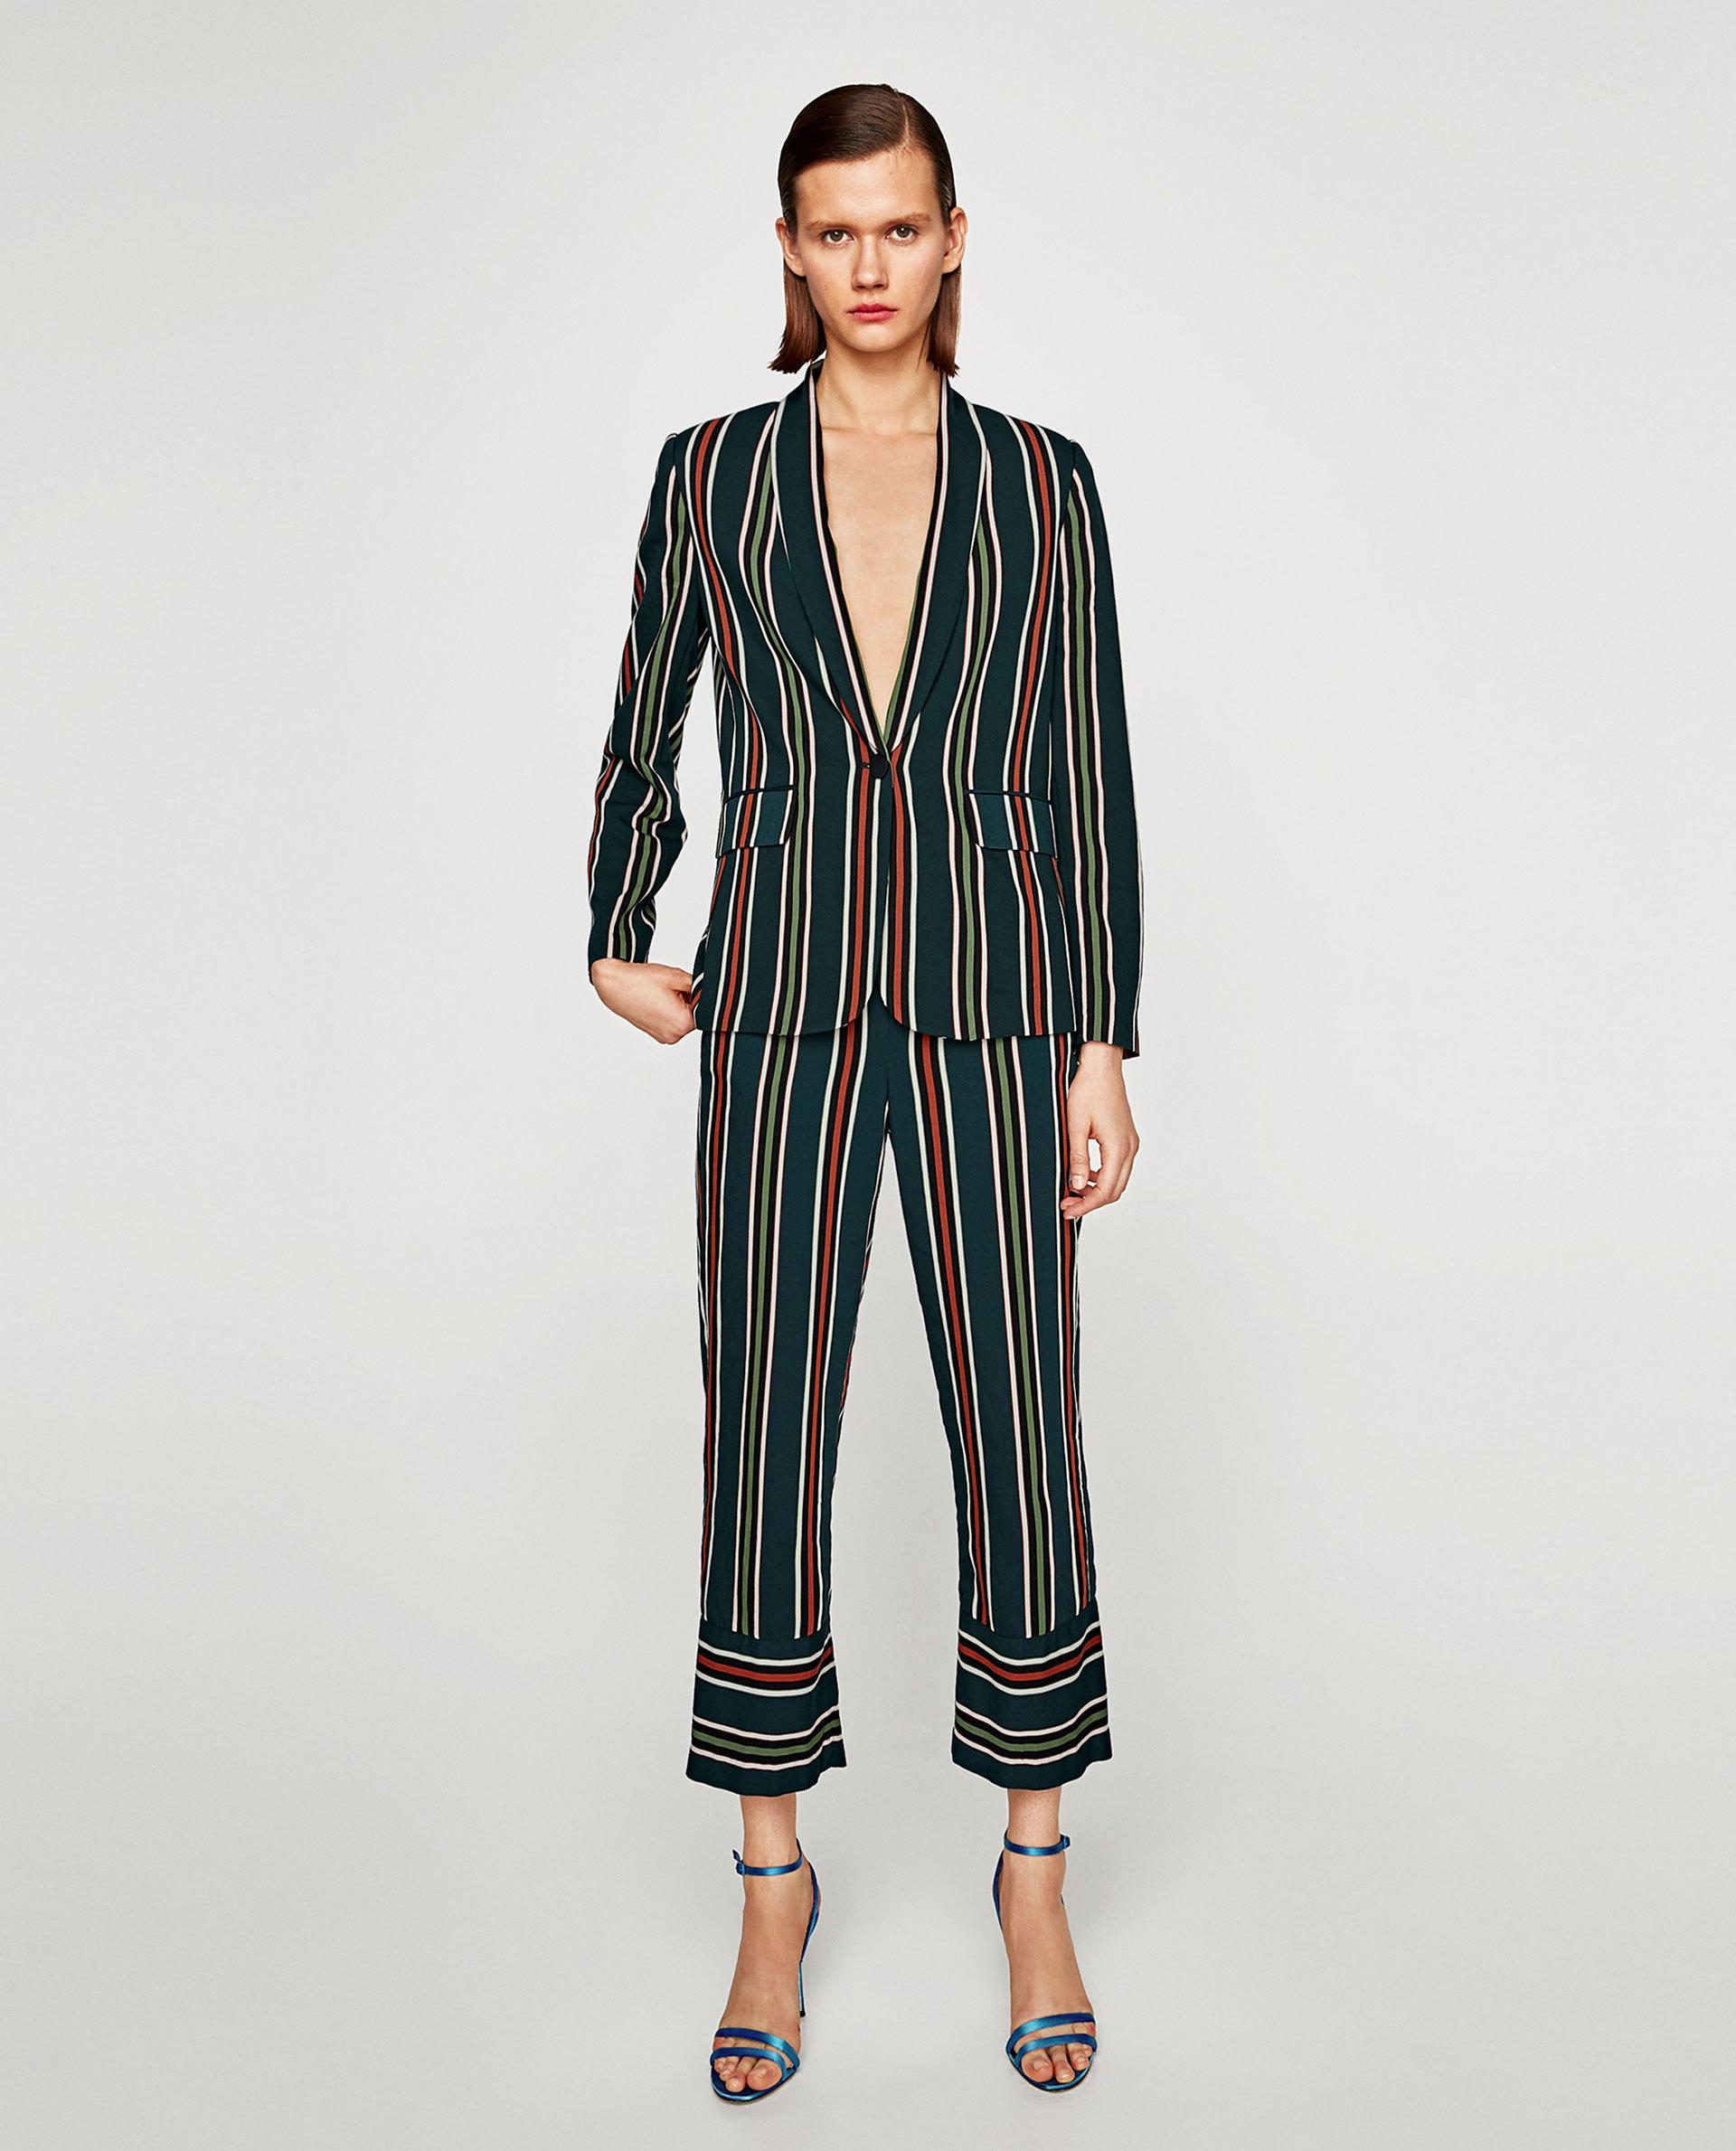 pijamaLook pijamero de dos piezas de tela de seda y print de rayas de colores. Los tacones que usa la modelo son de color azul eléctrico.